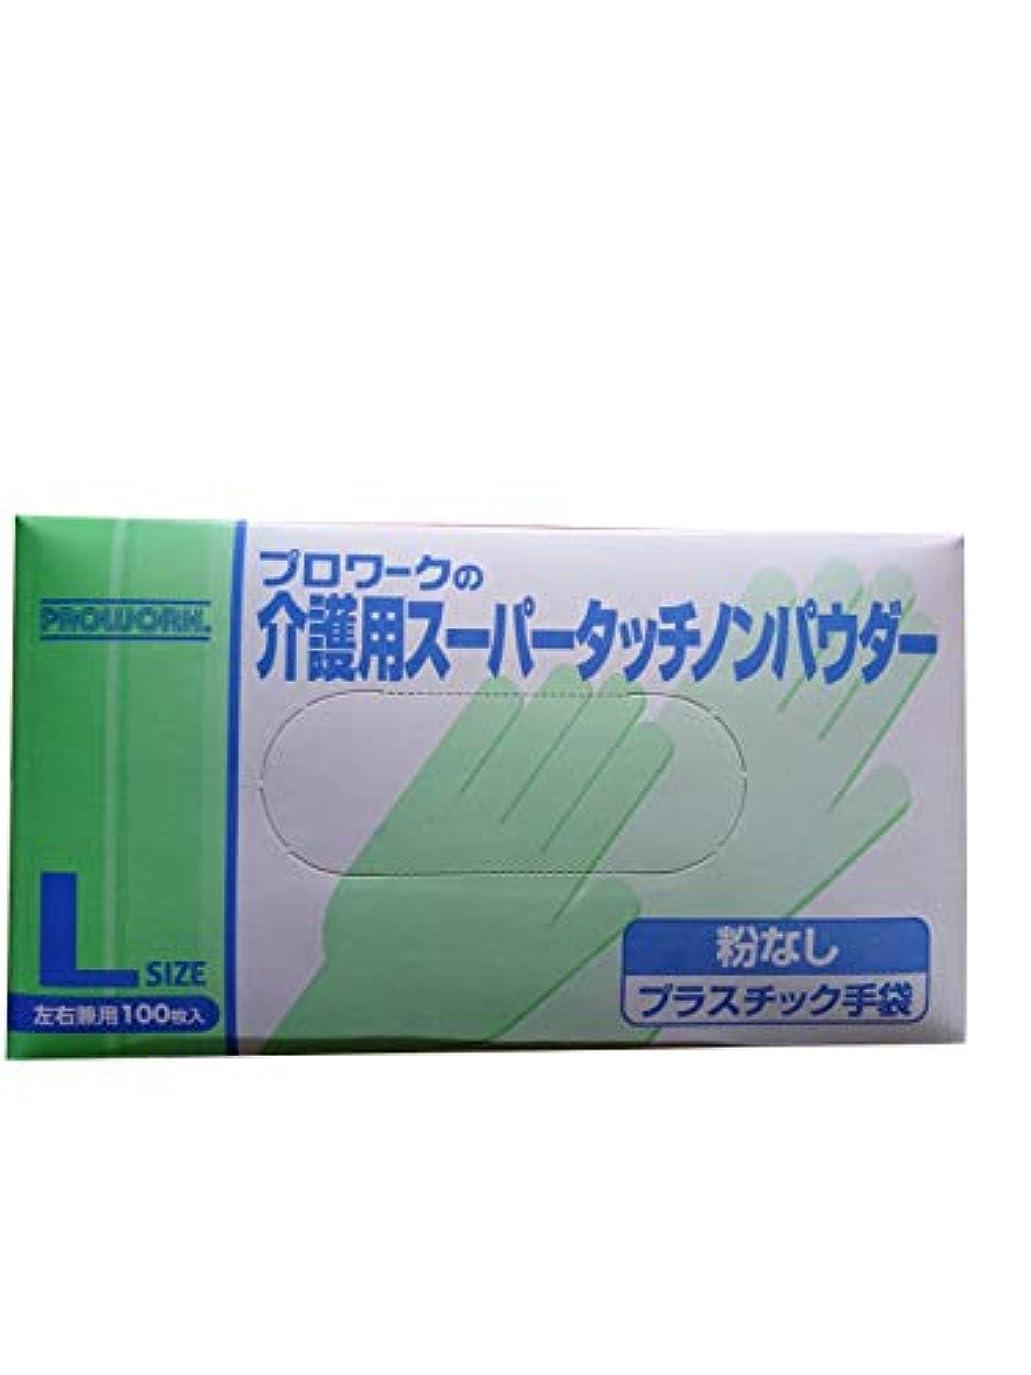 雨自明アンビエント介護用スーパータッチノンパウダー プラスチック手袋 粉なし Lサイズ 左右兼用100枚入